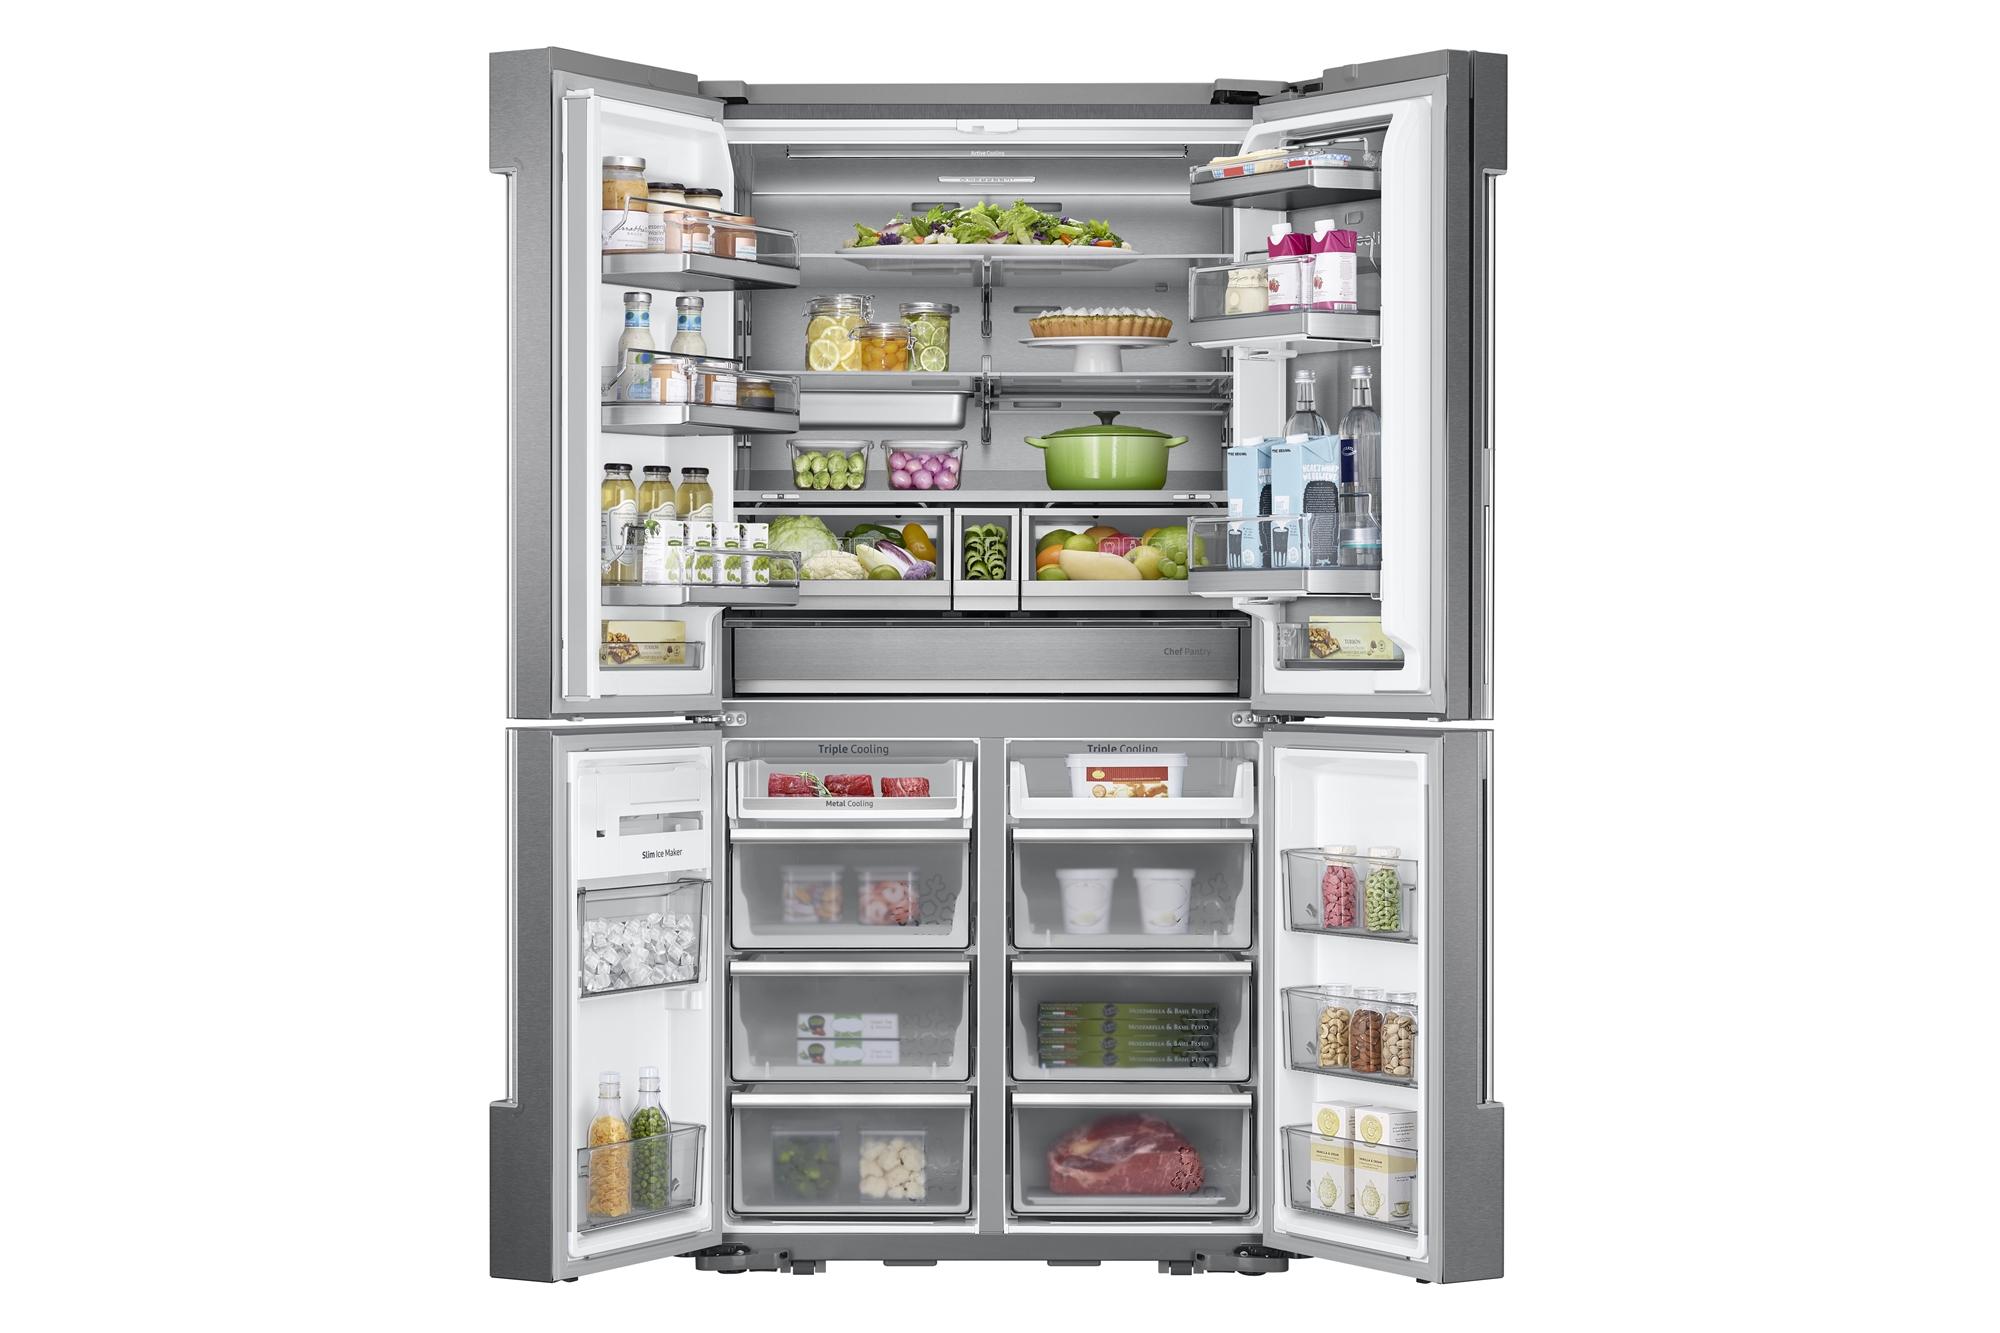 2017년형 '셰프컬렉션' 냉장고 출시(제품컷)